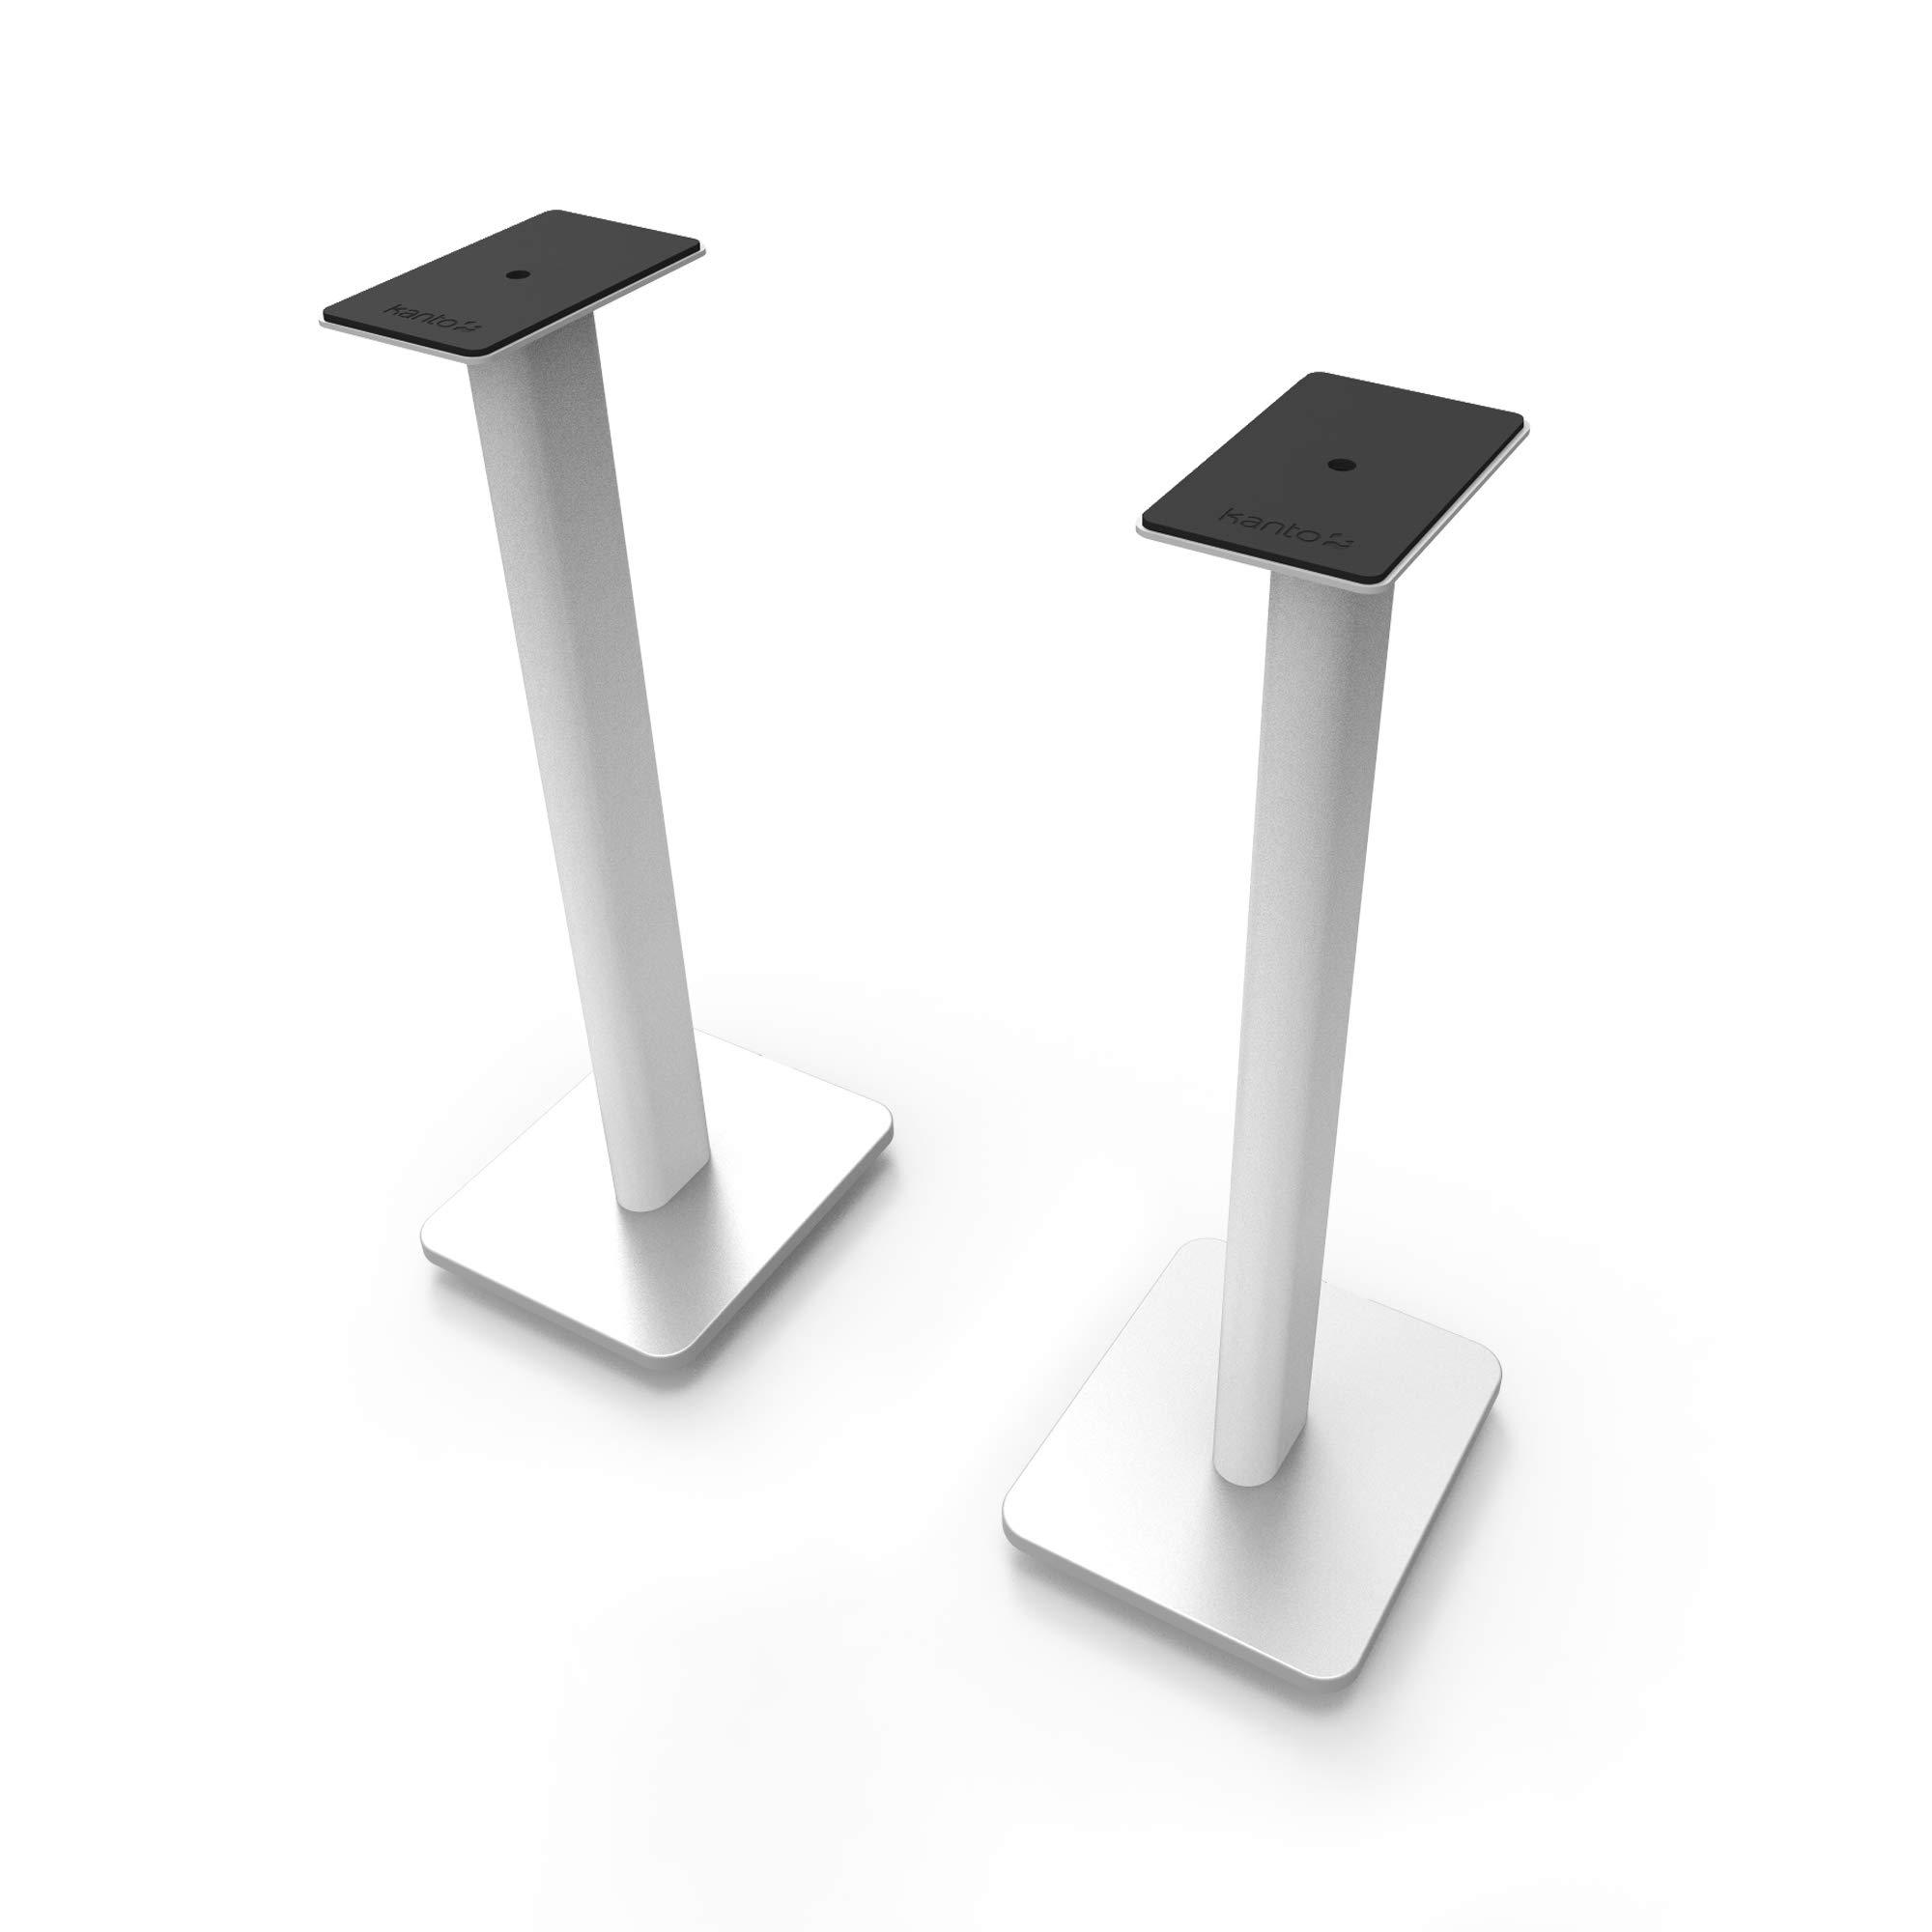 Kanto SP26PLW 26'' Bookshelf Speaker Stands, White